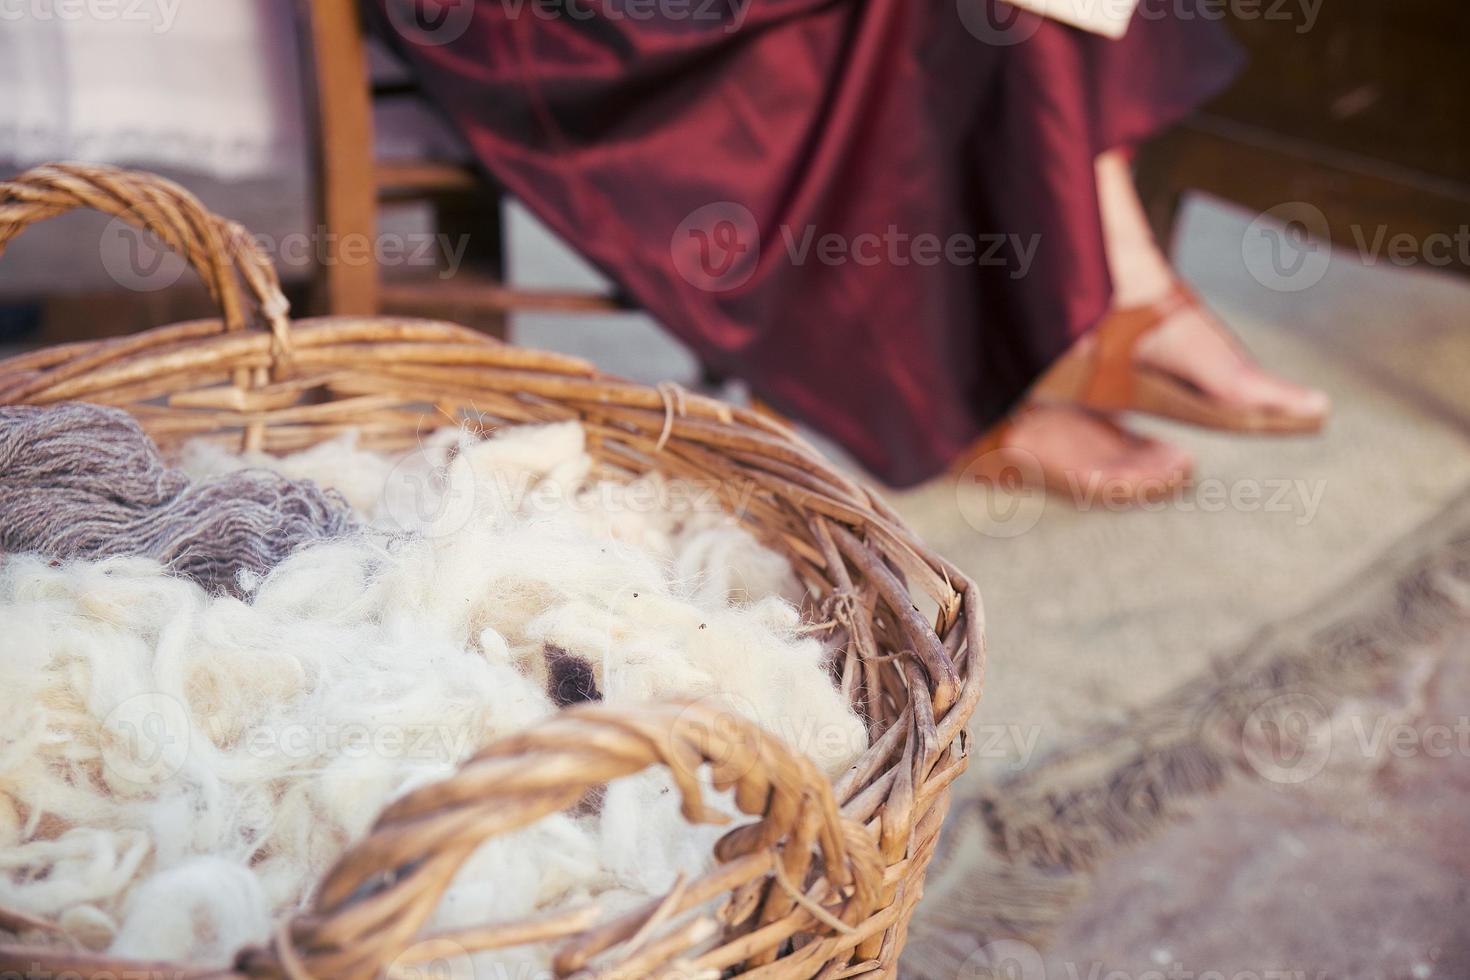 novelos de lã em uma cesta pronta para ser fiada foto